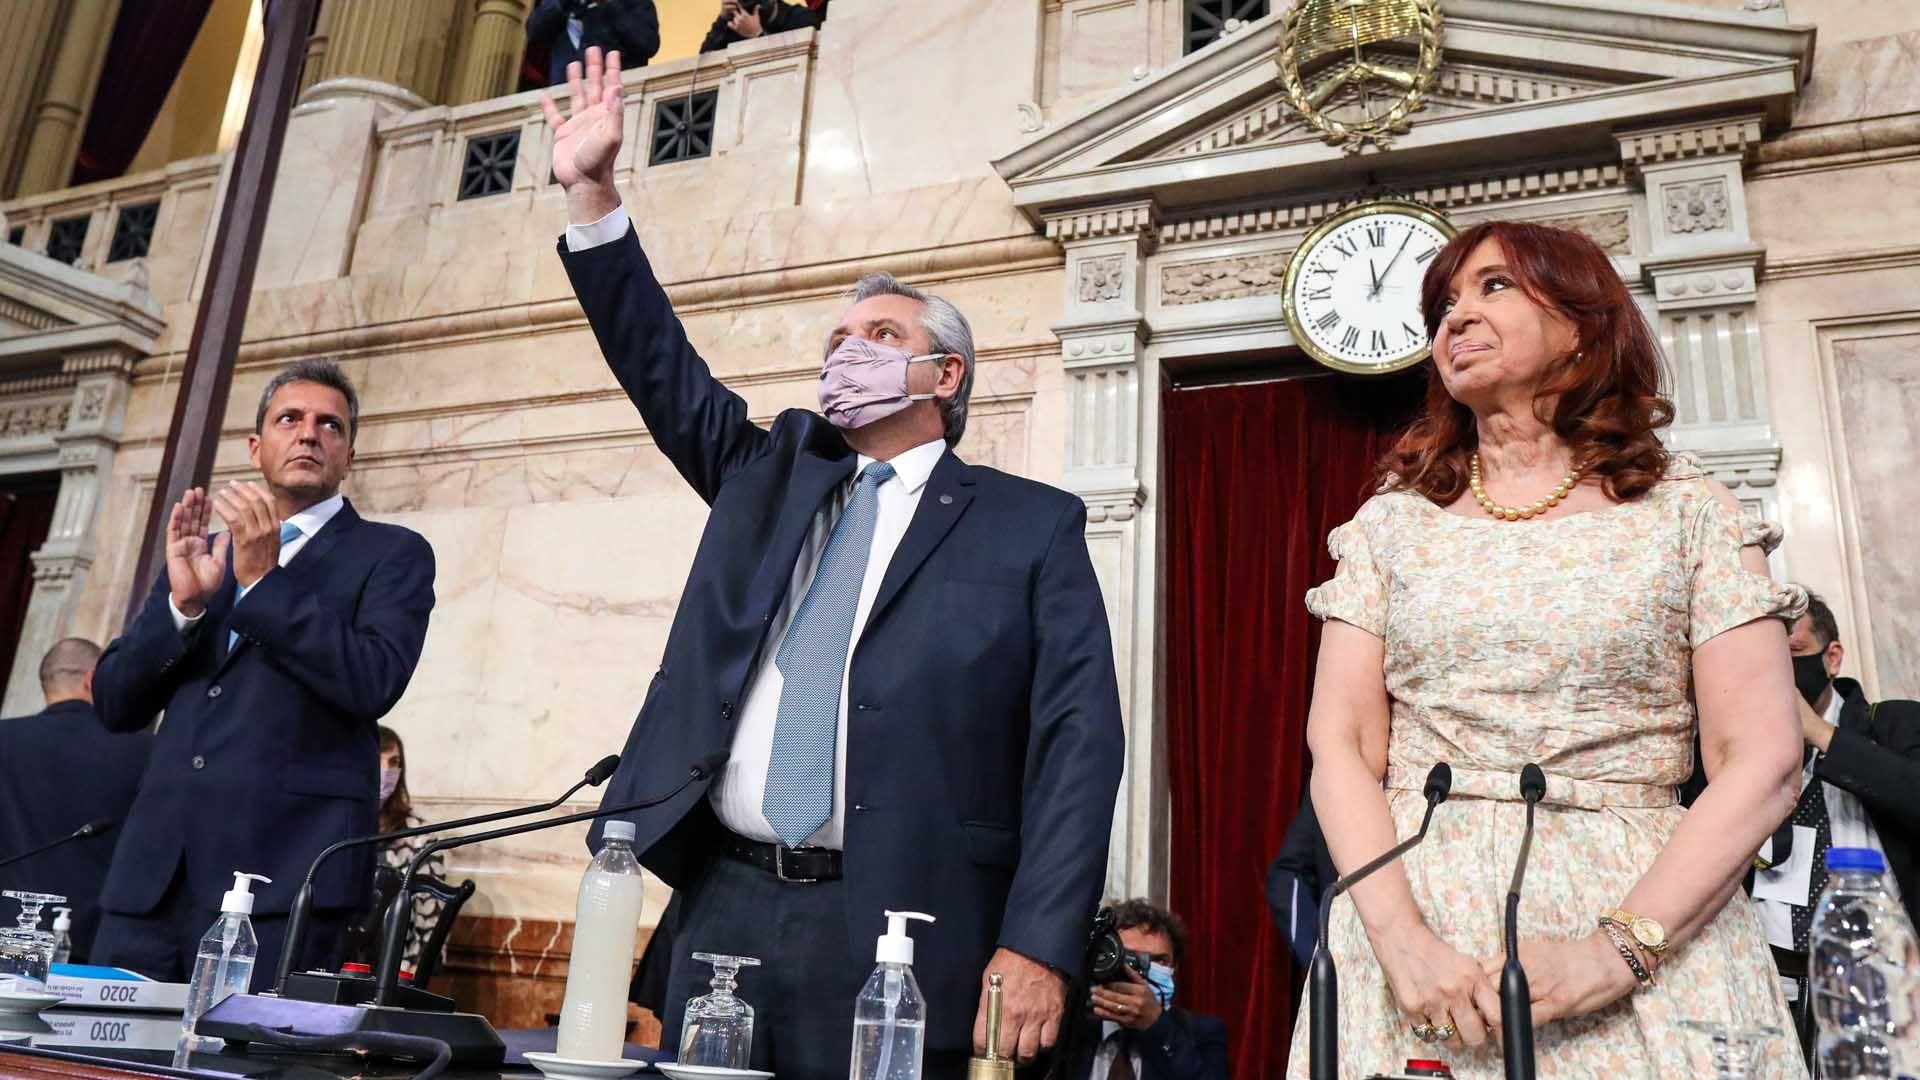 Cómo se vivió en Twitter el discurso de Alberto Fernández